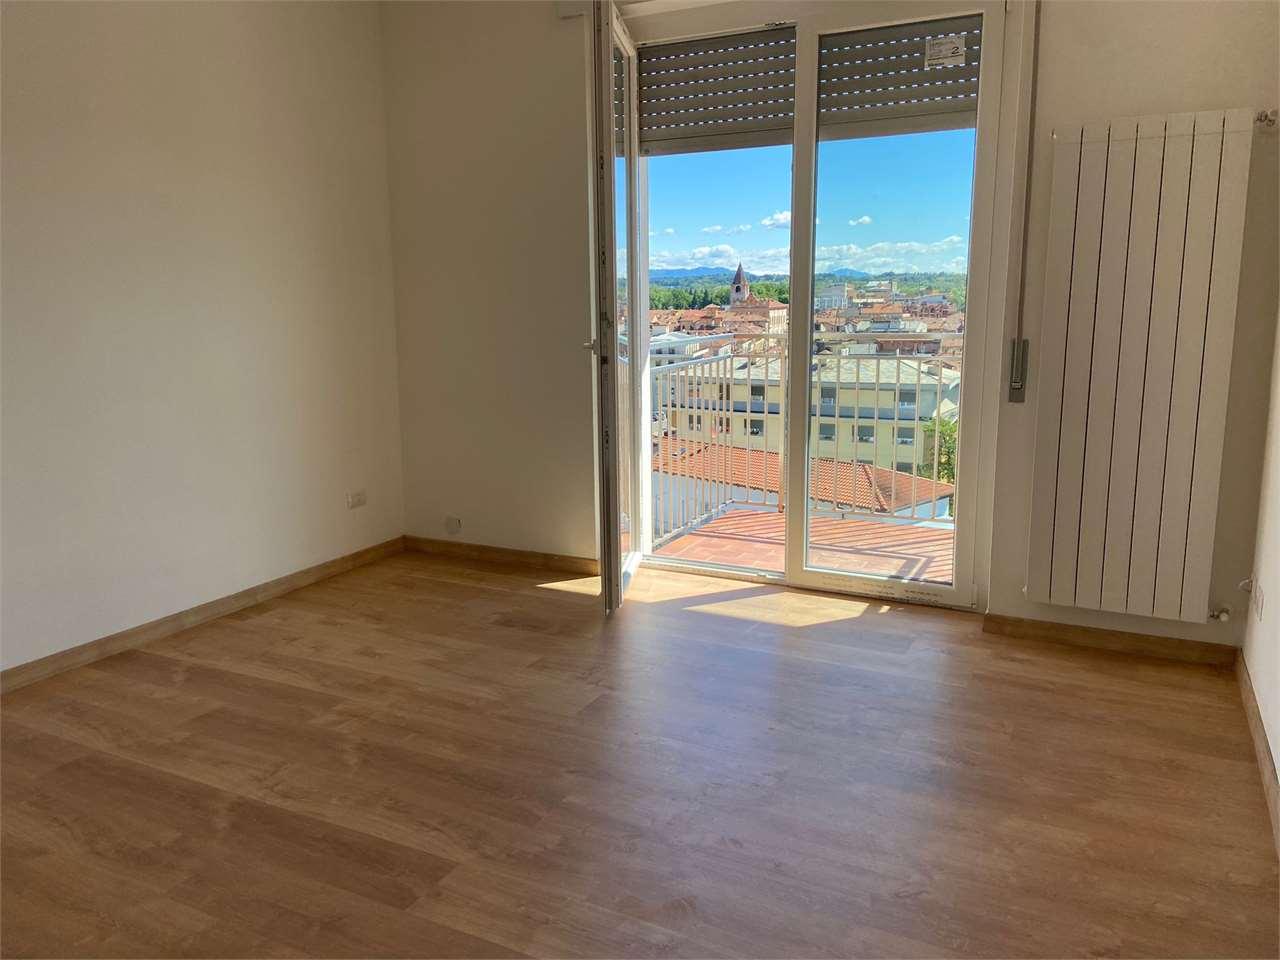 Appartamento in affitto a Borgomanero, 2 locali, prezzo € 550 | CambioCasa.it